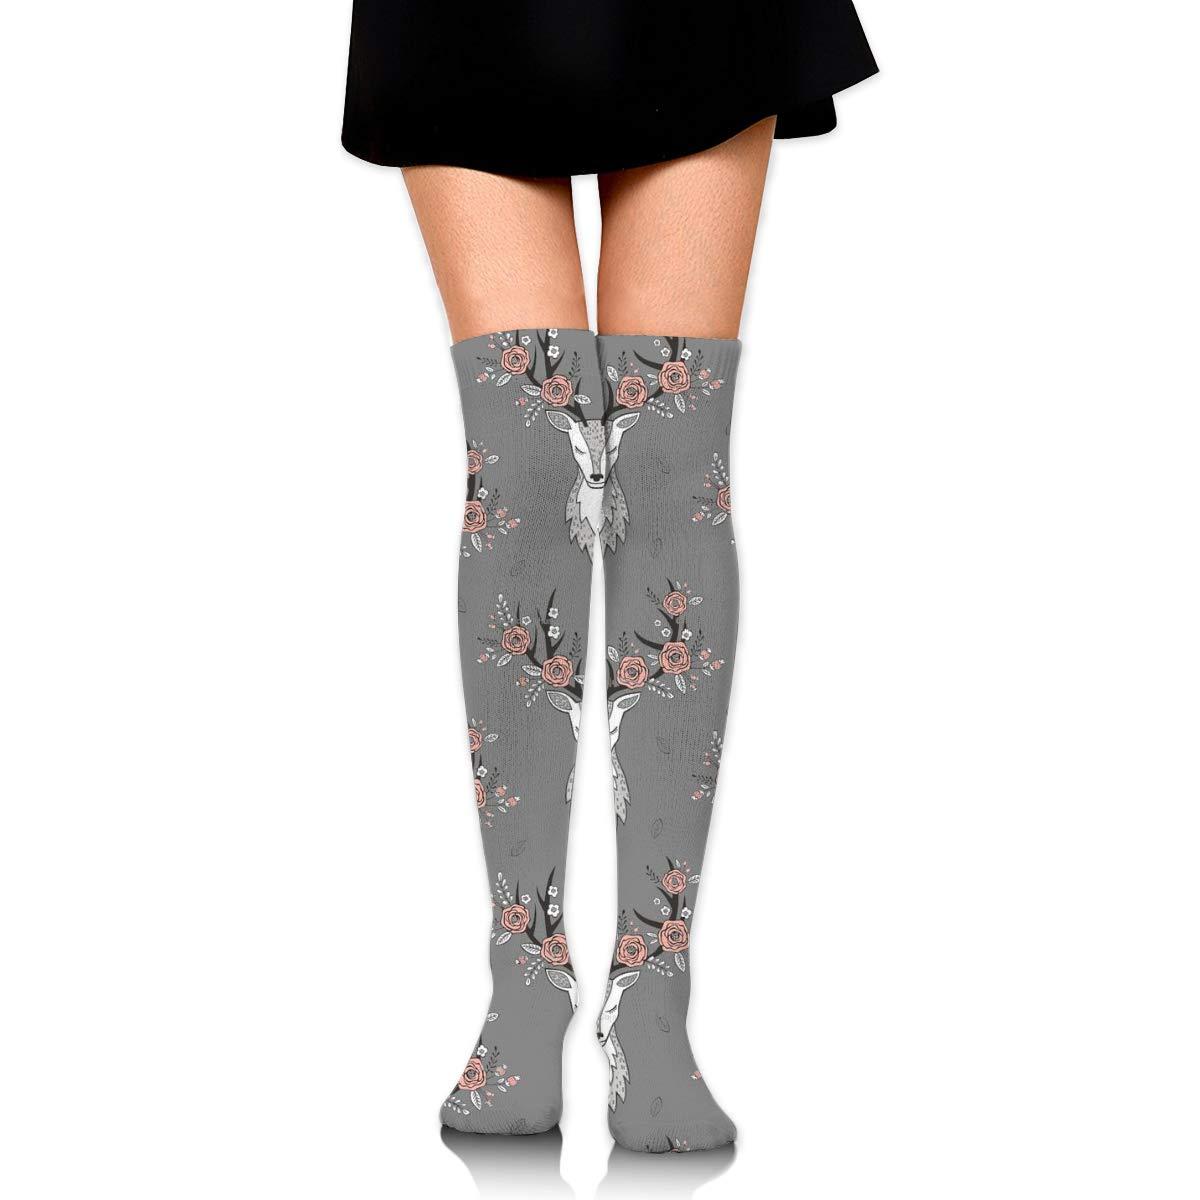 Kjaoi Girl Skirt Socks Uniform Flowers Deer Women Tube Socks Compression Socks